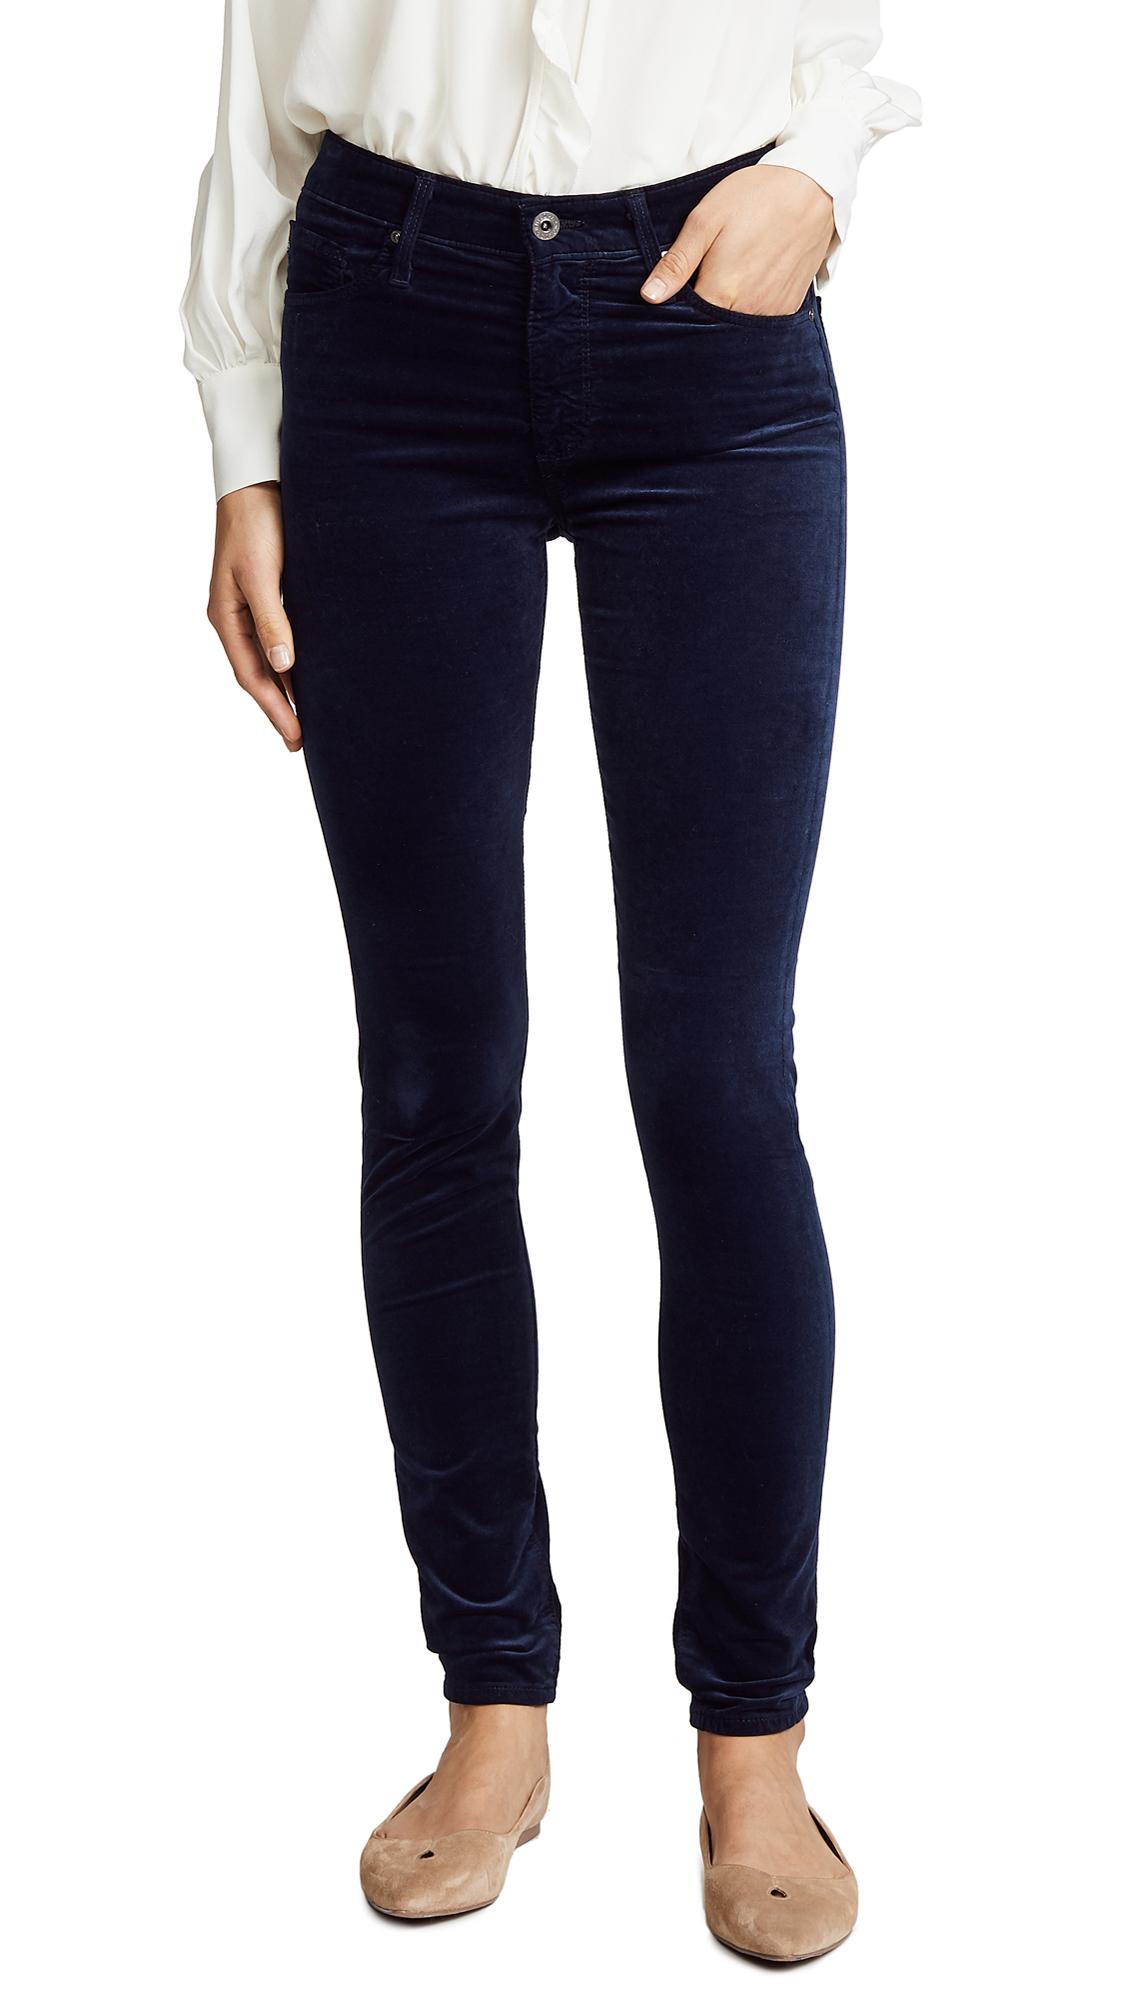 The Velvet Farrah Skinny Jeans